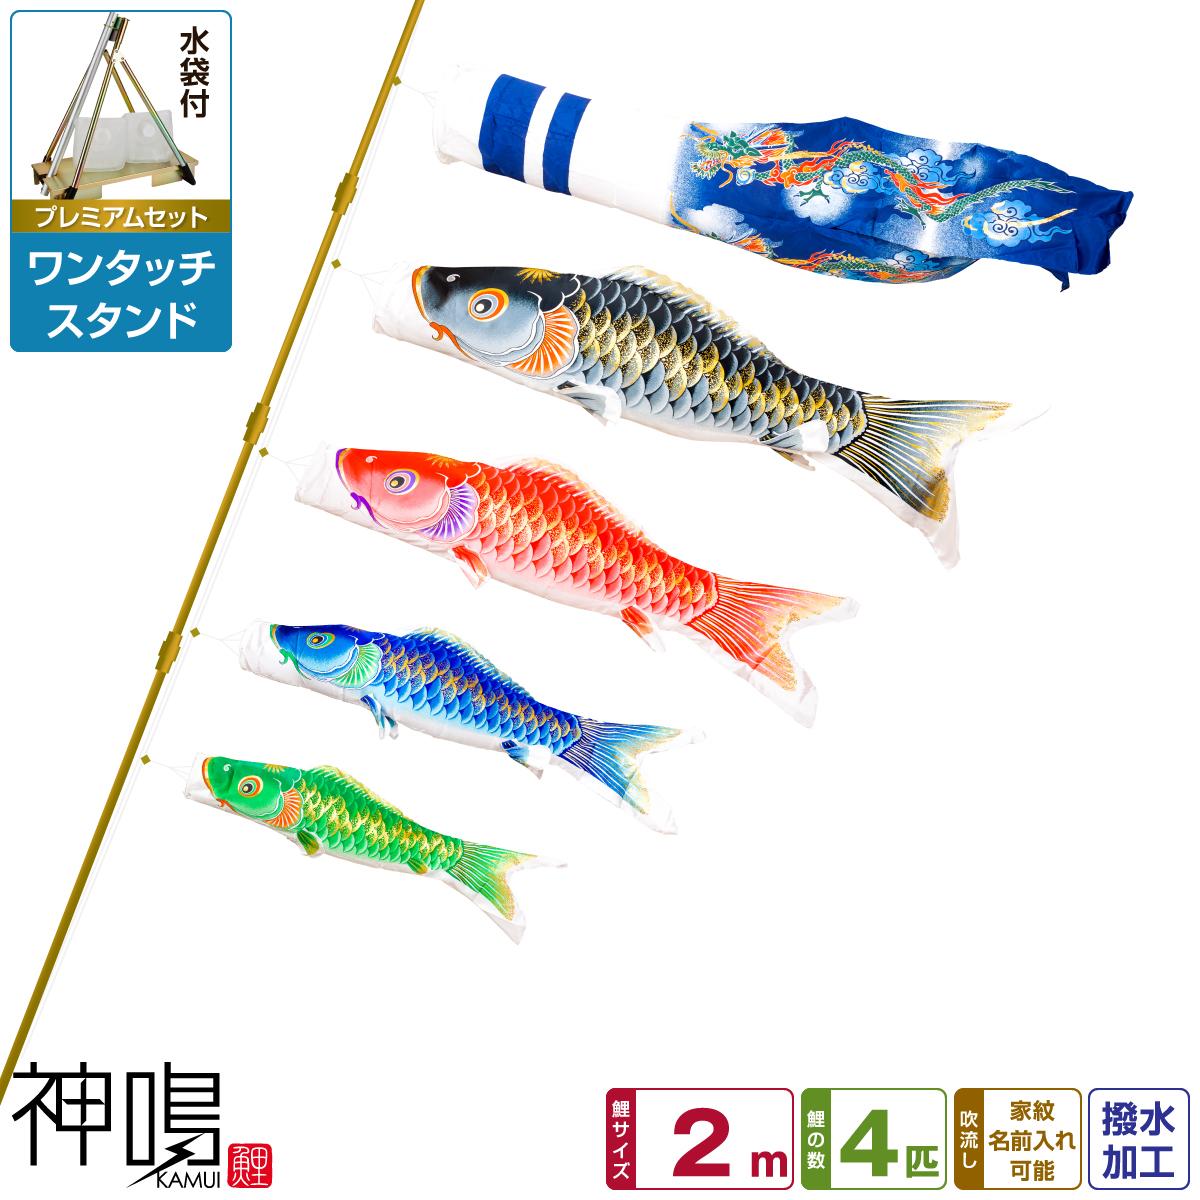 ベランダ用 鯉のぼり 神鳴鯉-KAMUI- 2m 7点(吹流し+鯉4匹+矢車+ロープ)/プレミアムセット(ワンタッチスタンド)